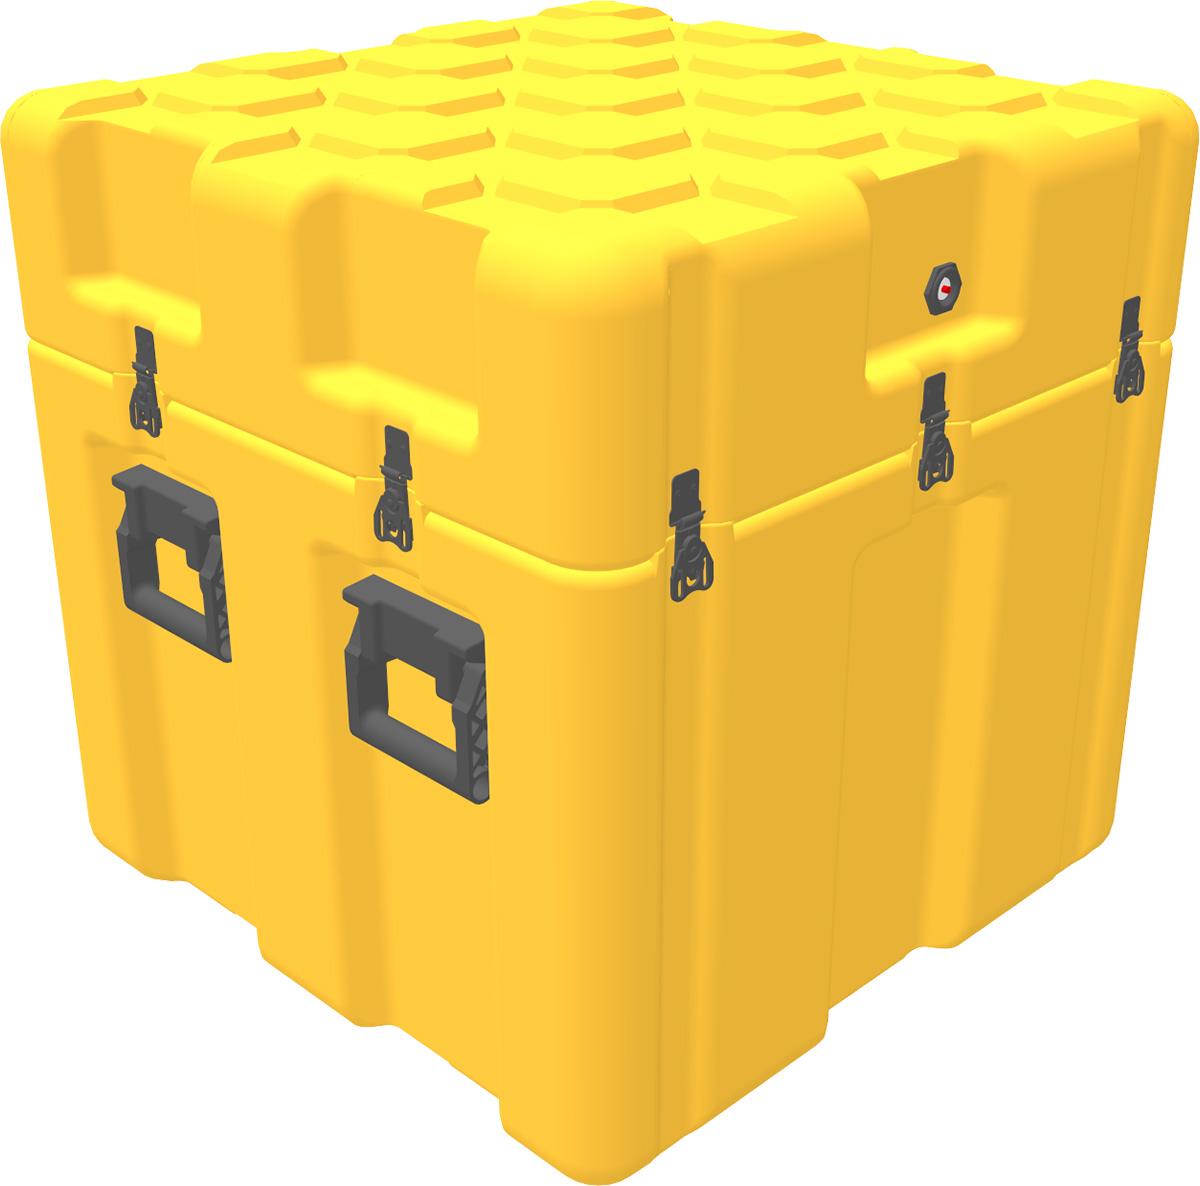 peli eu070070 5020 isp2 shipping case